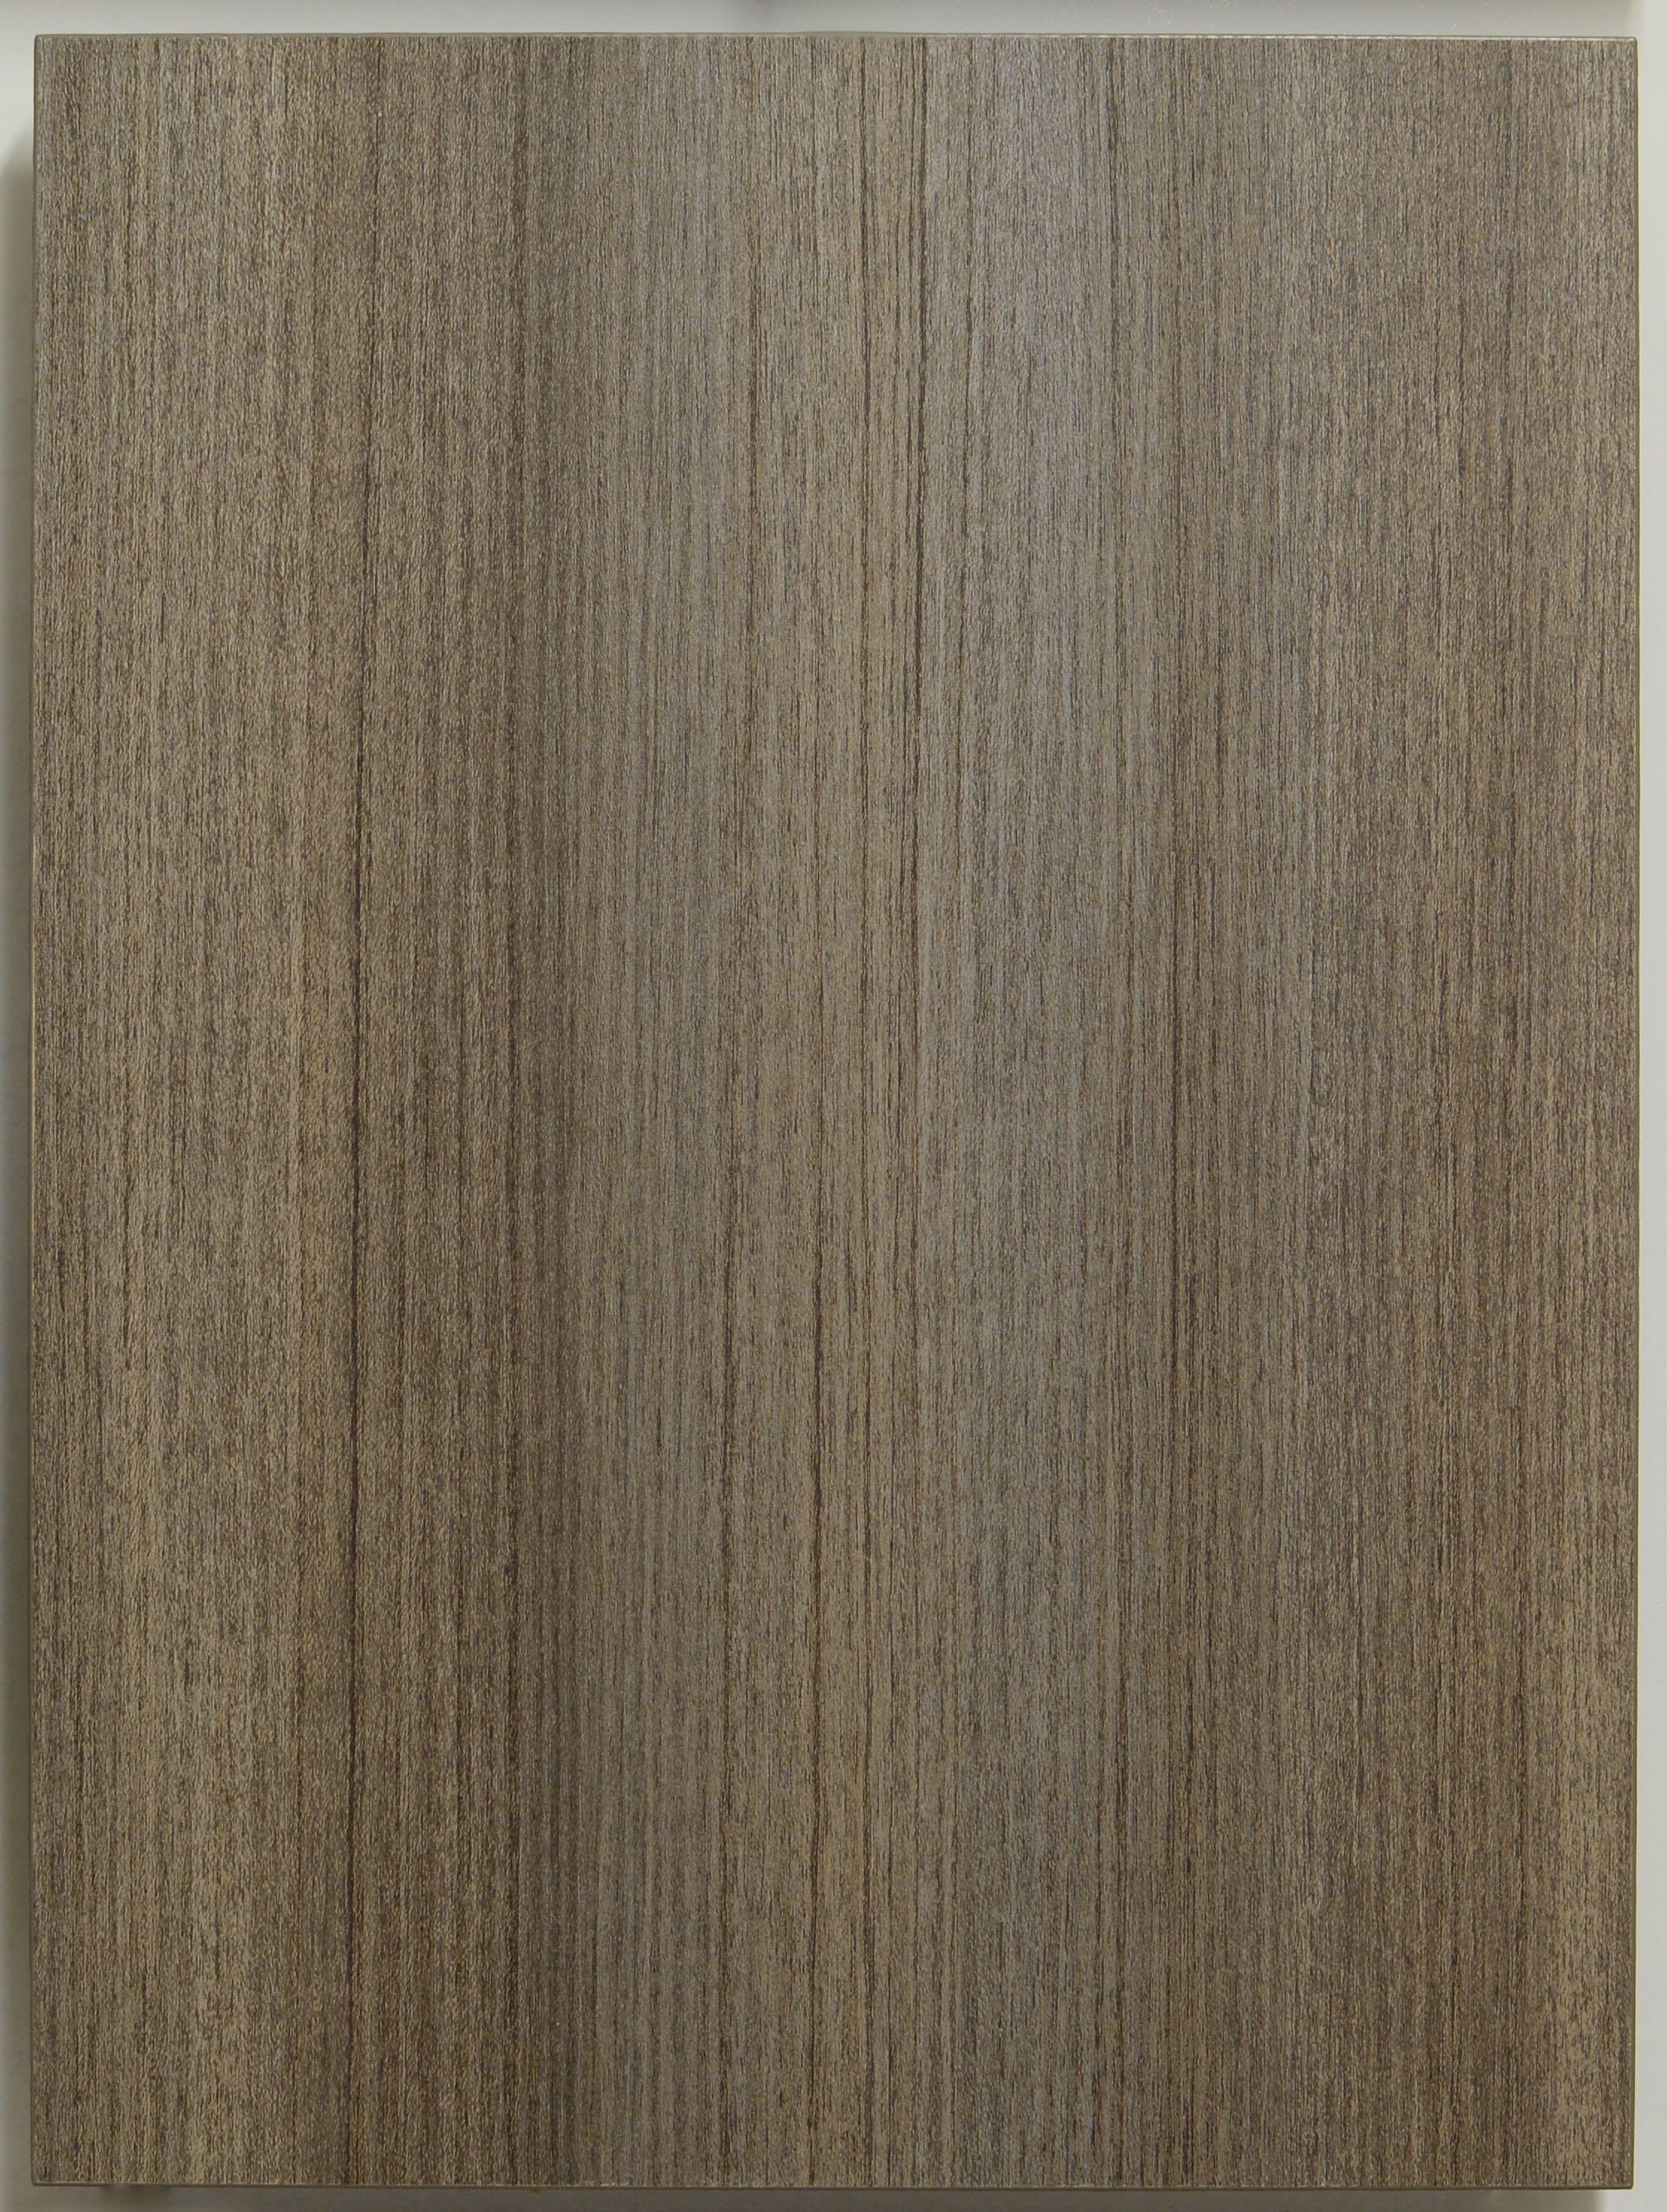 Pickering Textured Laminate Kitchen Cabinet Door By Allstyle